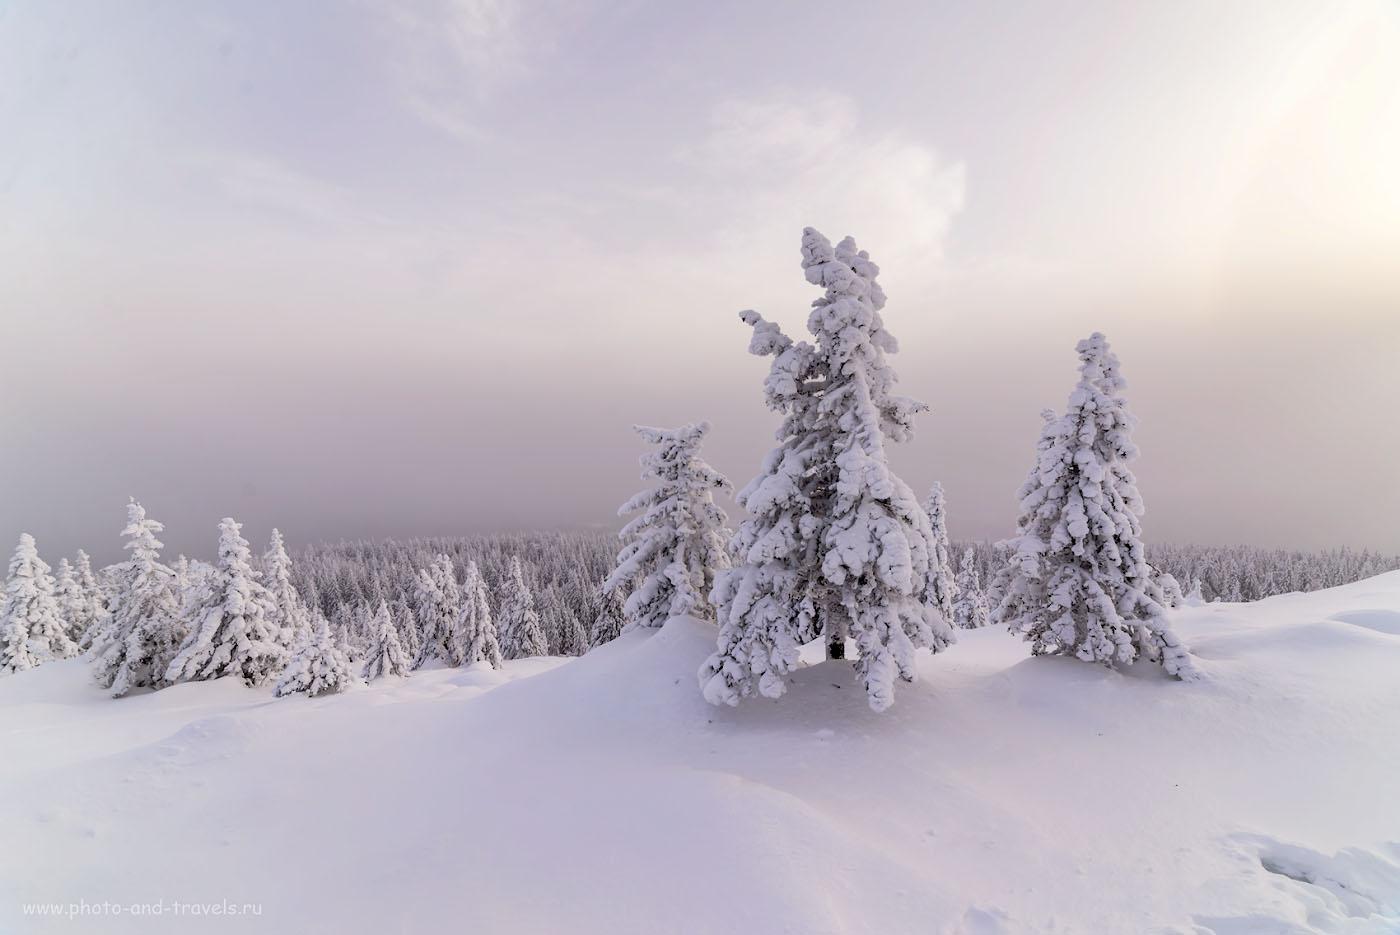 Фотография 21. Зимние пейзажи в национальном парке Зюраткуль Челябинской области. 1/160, 0.67, 8.0, 180, 14.